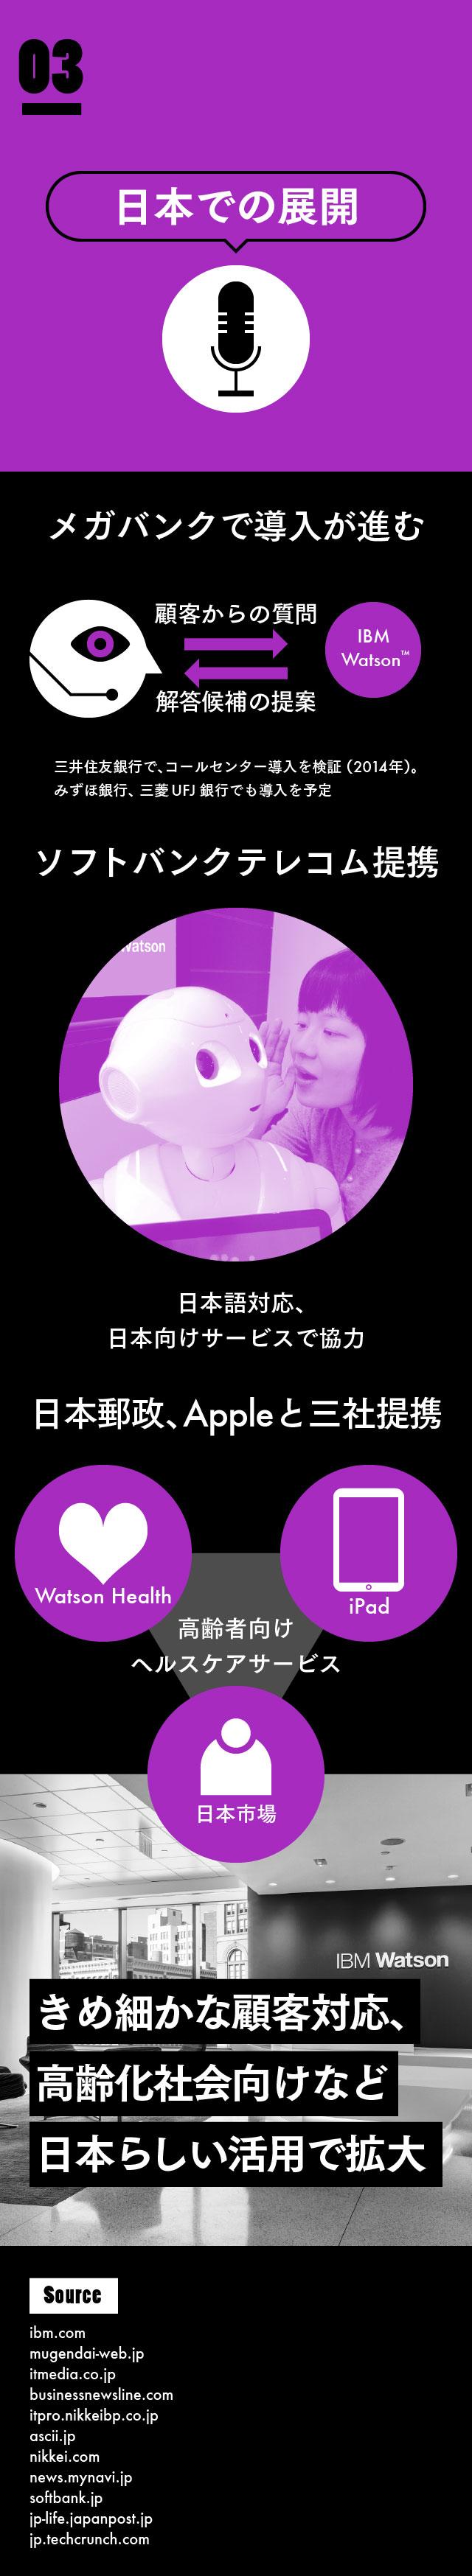 2155【マスター】ワトソン_20150730-05